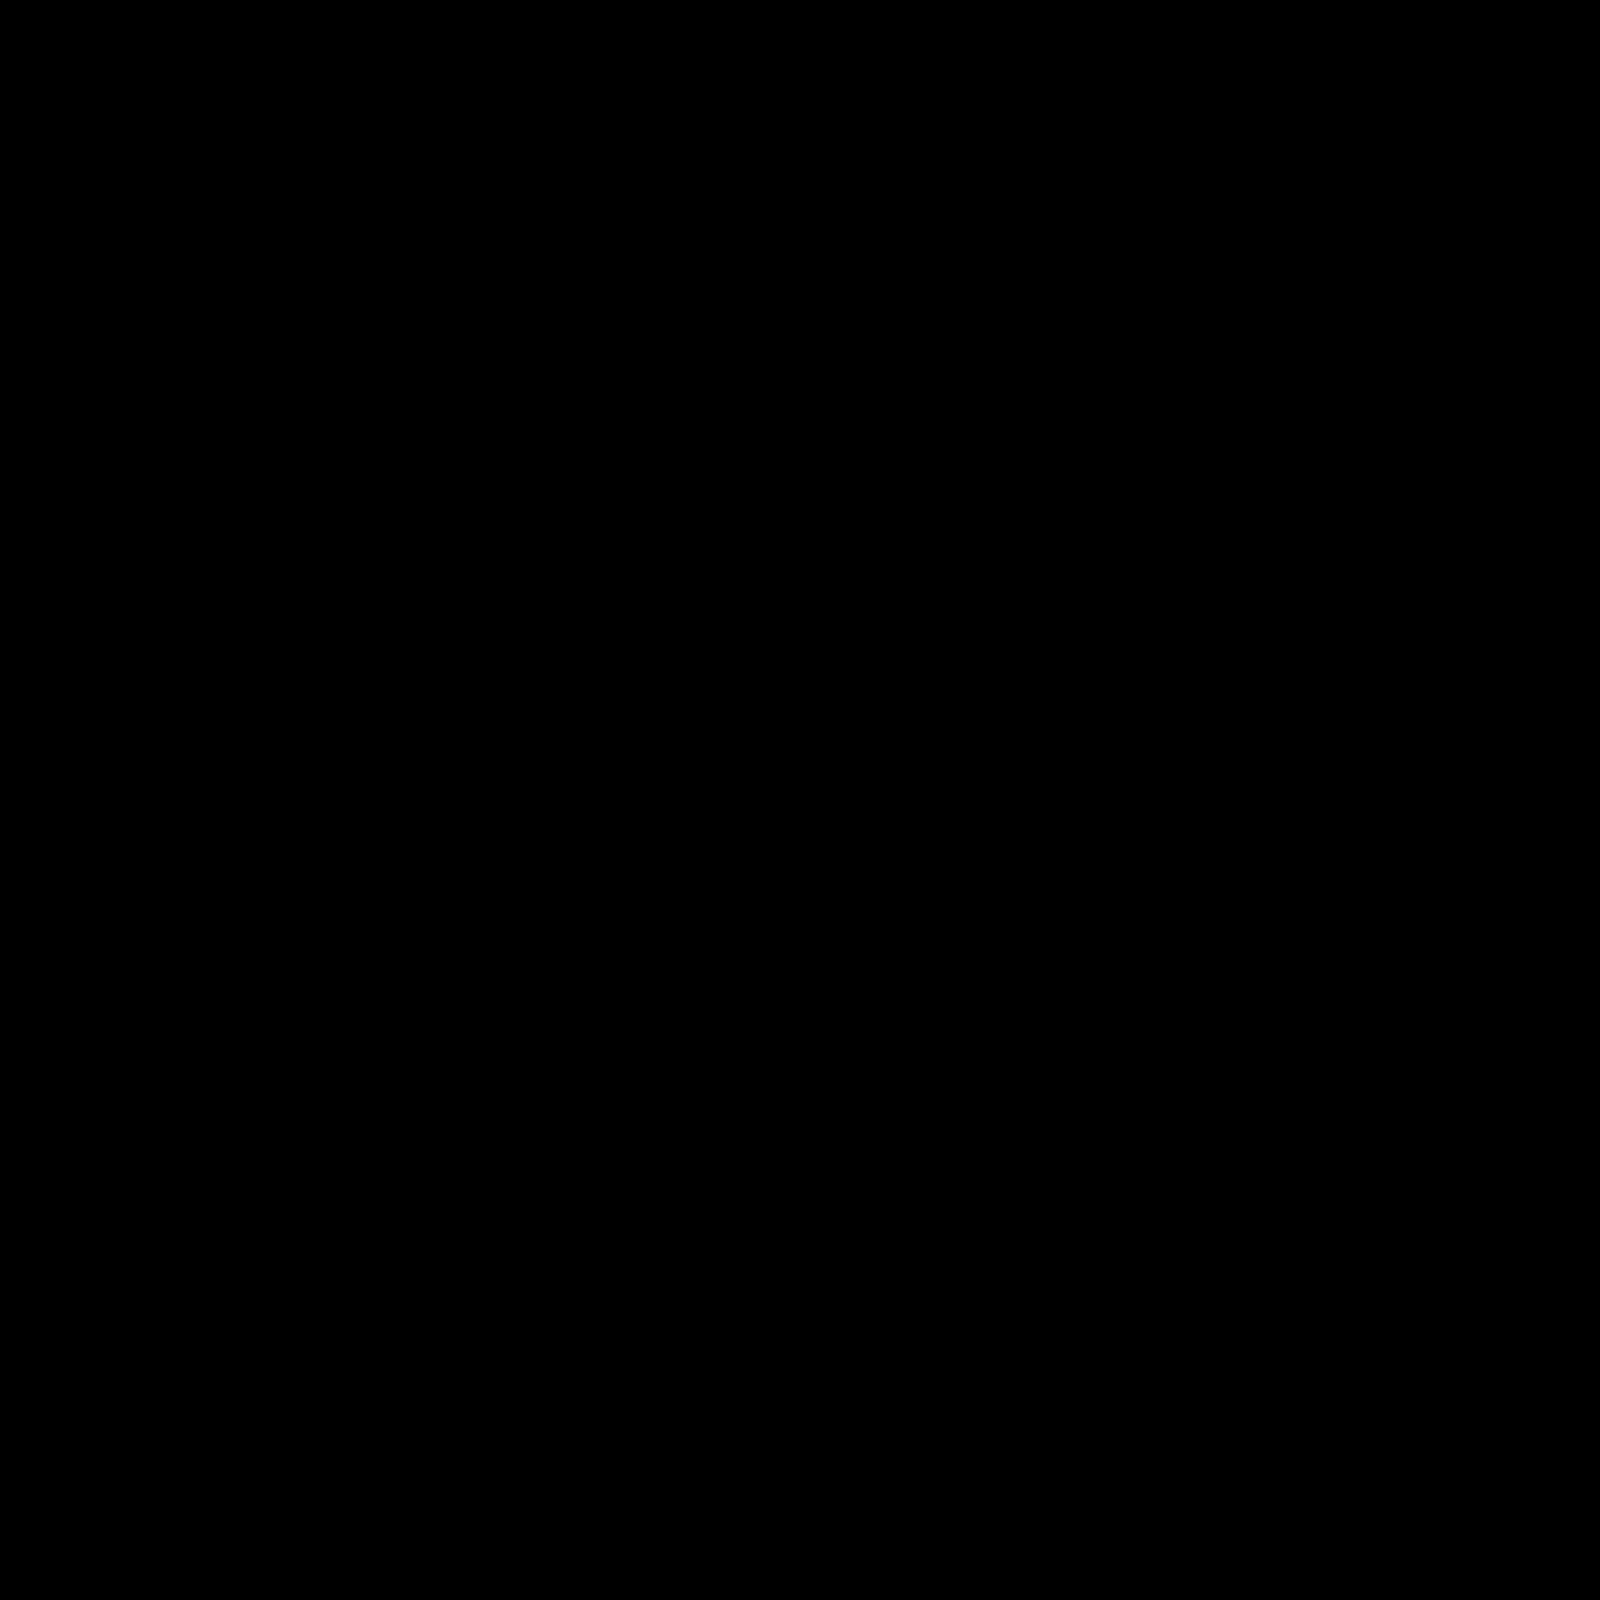 時計回りにページを回転する icon